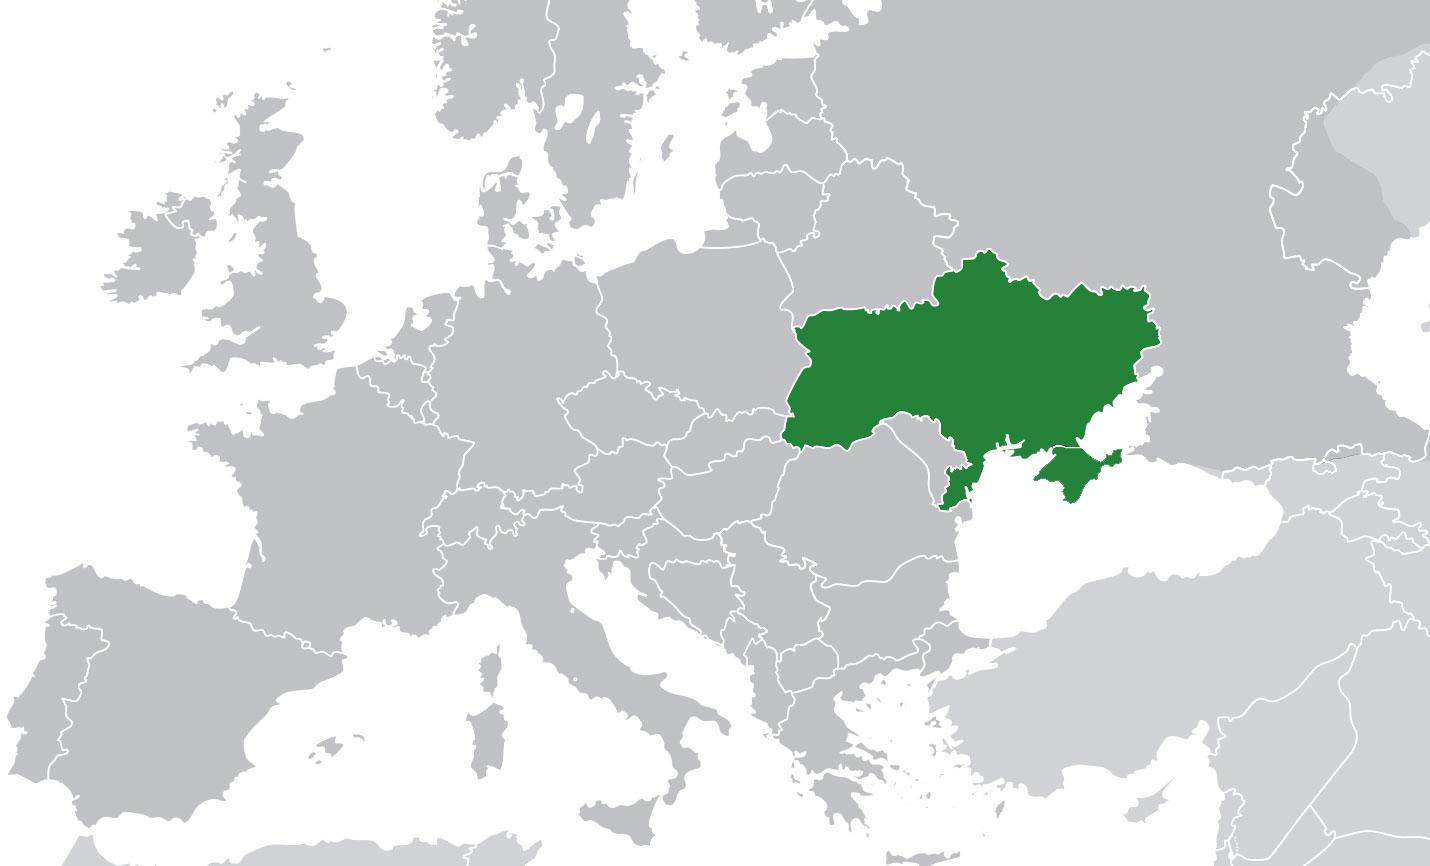 Localización geográfica de Ucrania